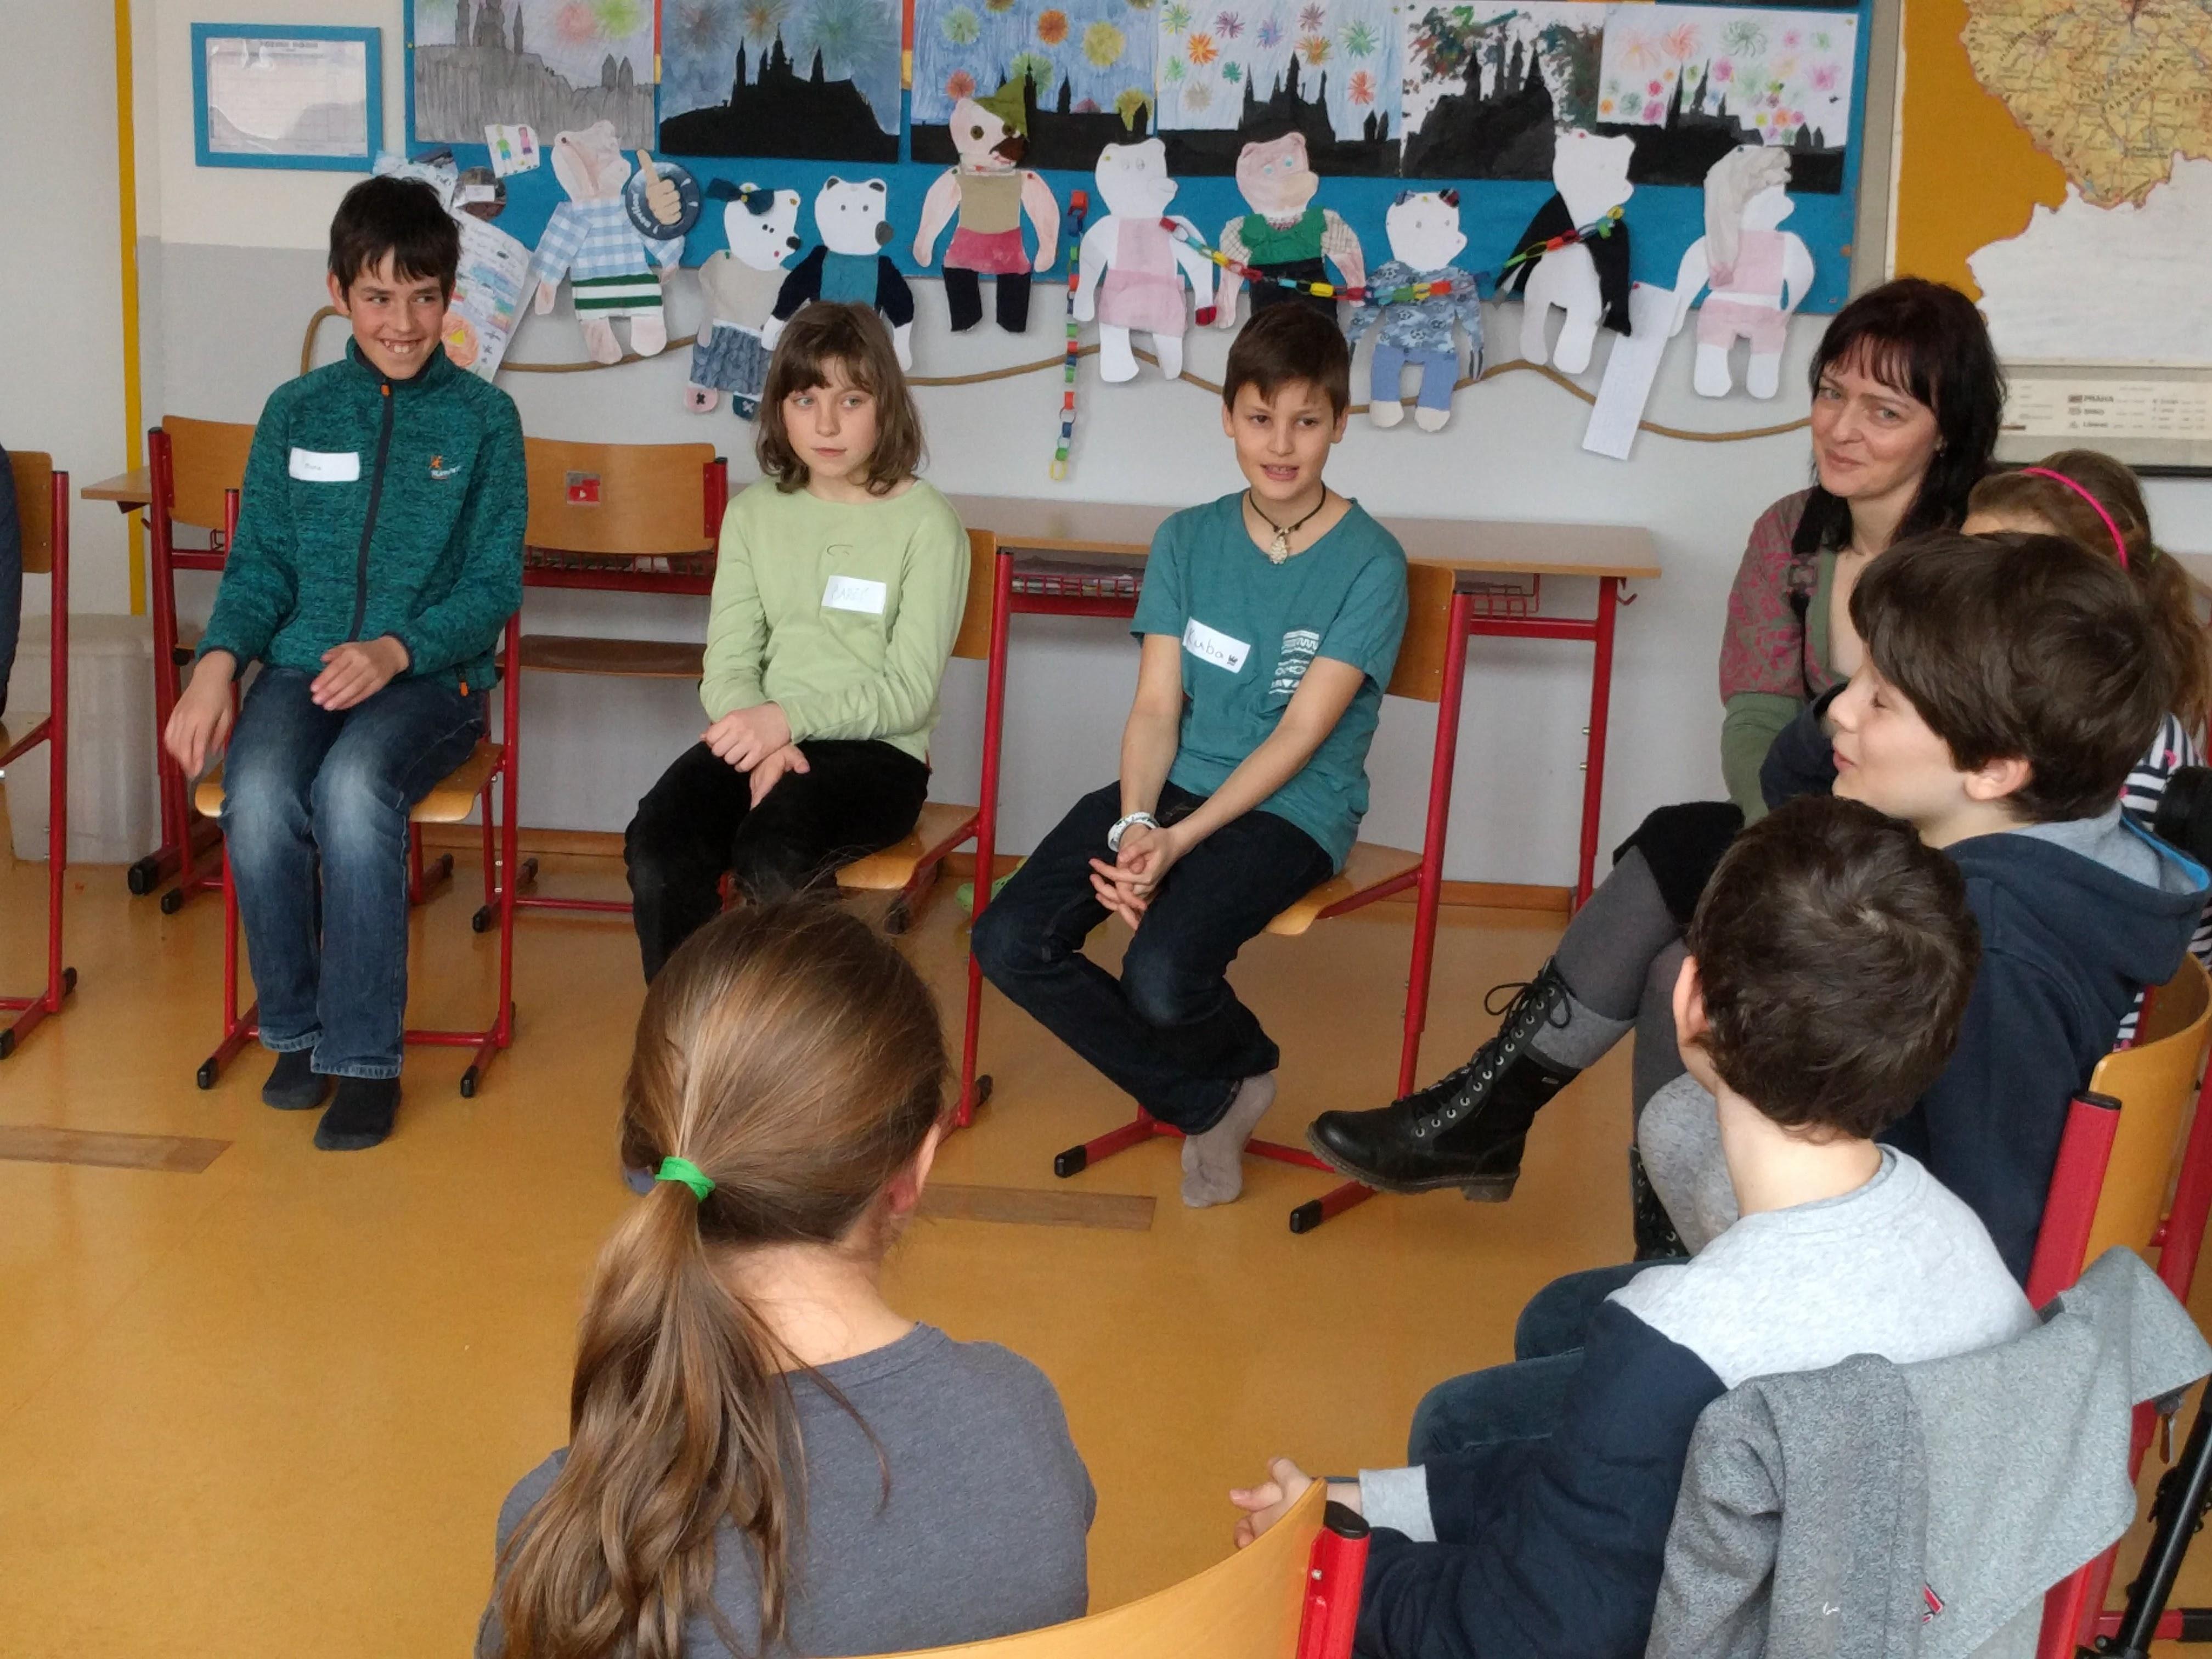 Děti se učí řešit krizové situace